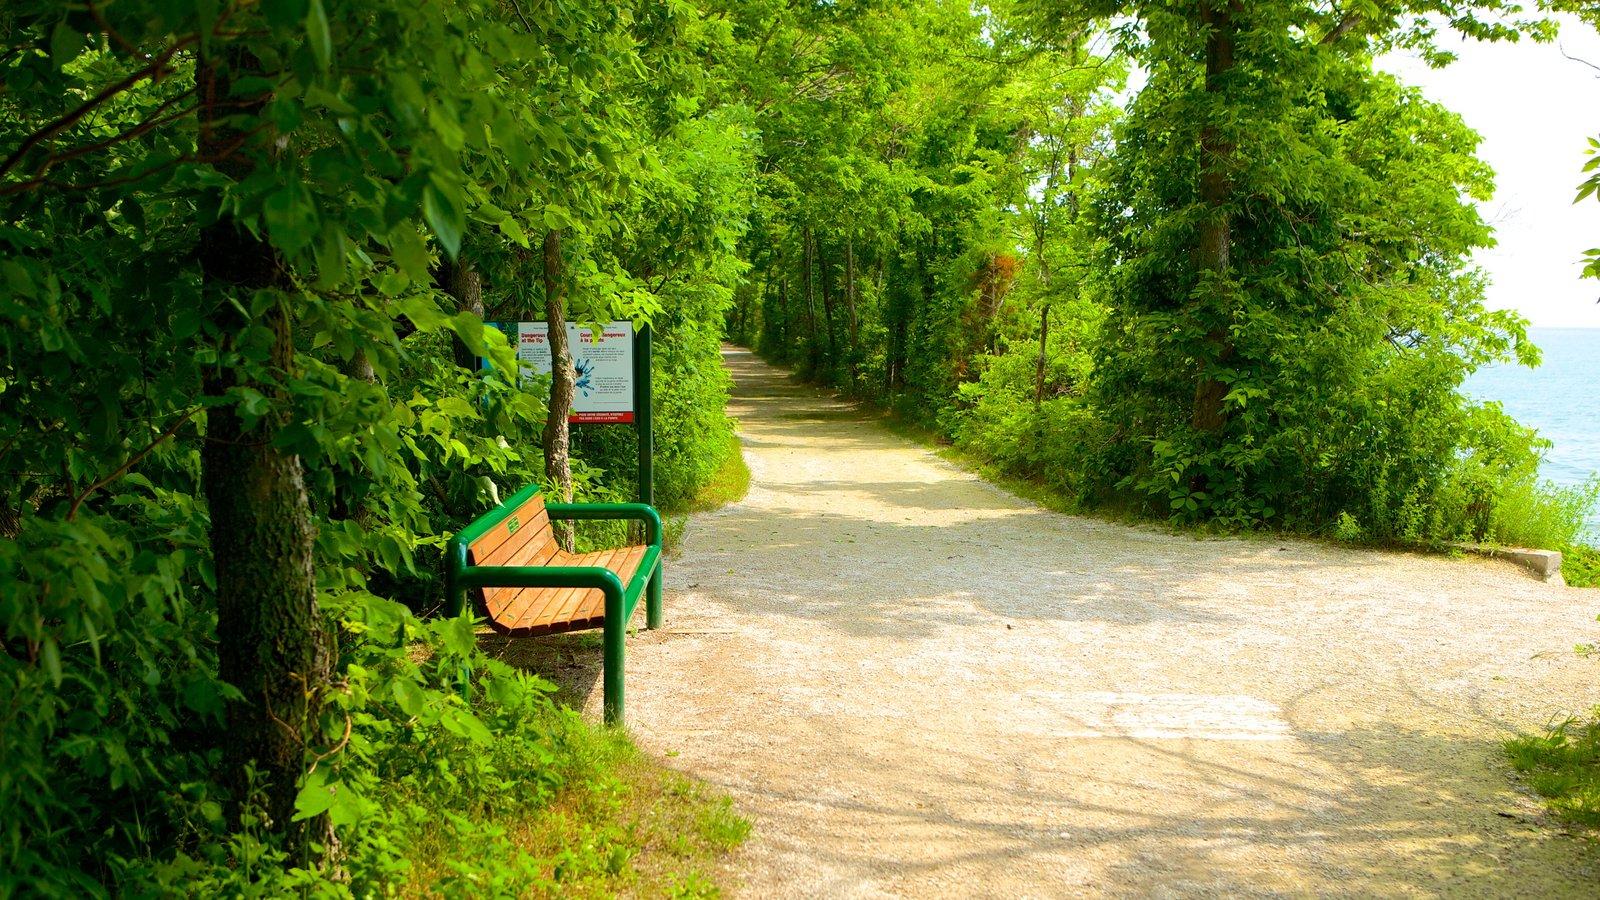 Point Pelee National Park caracterizando cenas de floresta e paisagens